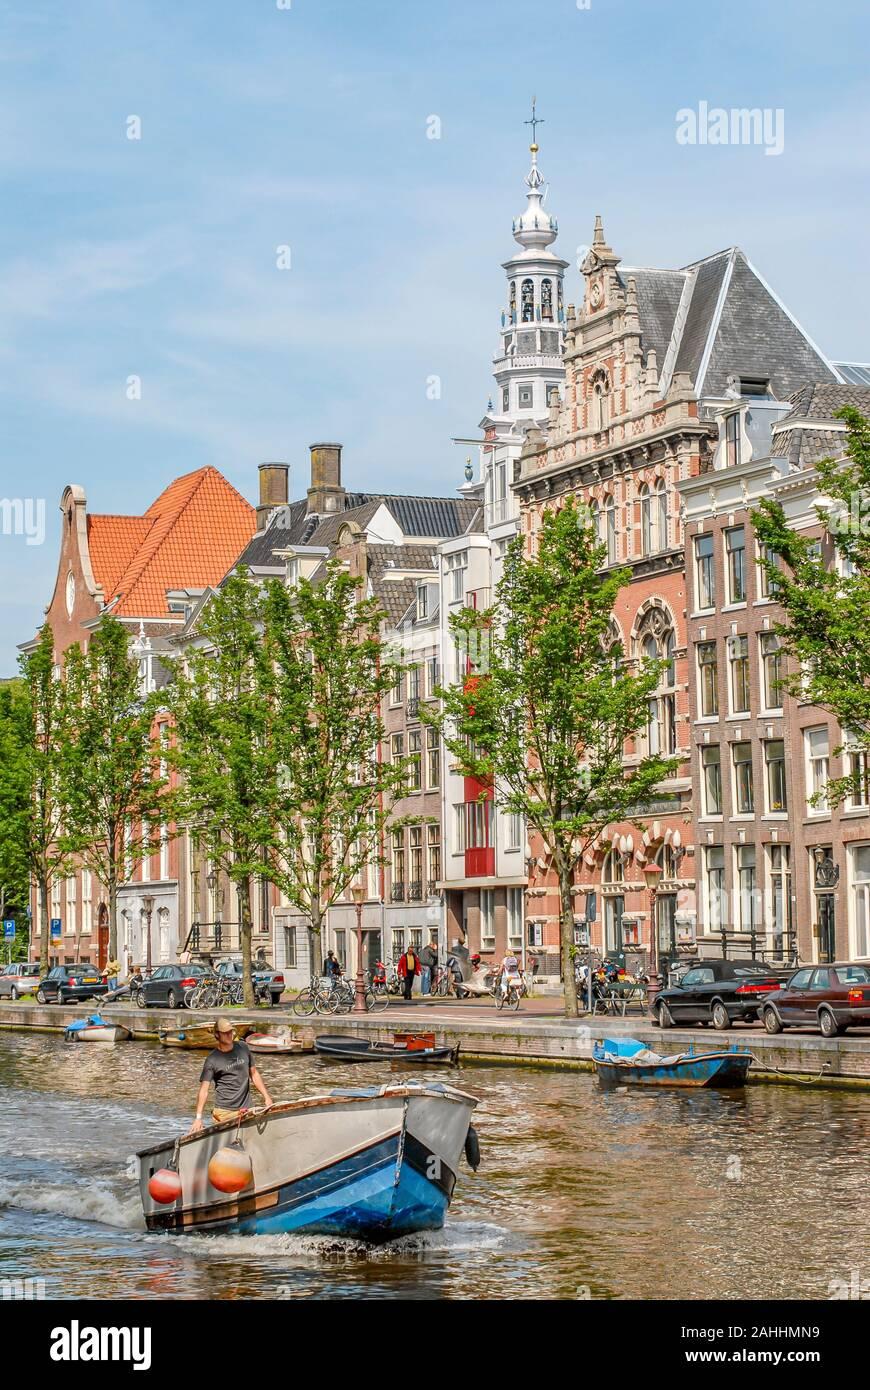 Petit bateau qui traverse un canal d'eau d'Amsterdam, Netherlande Banque D'Images